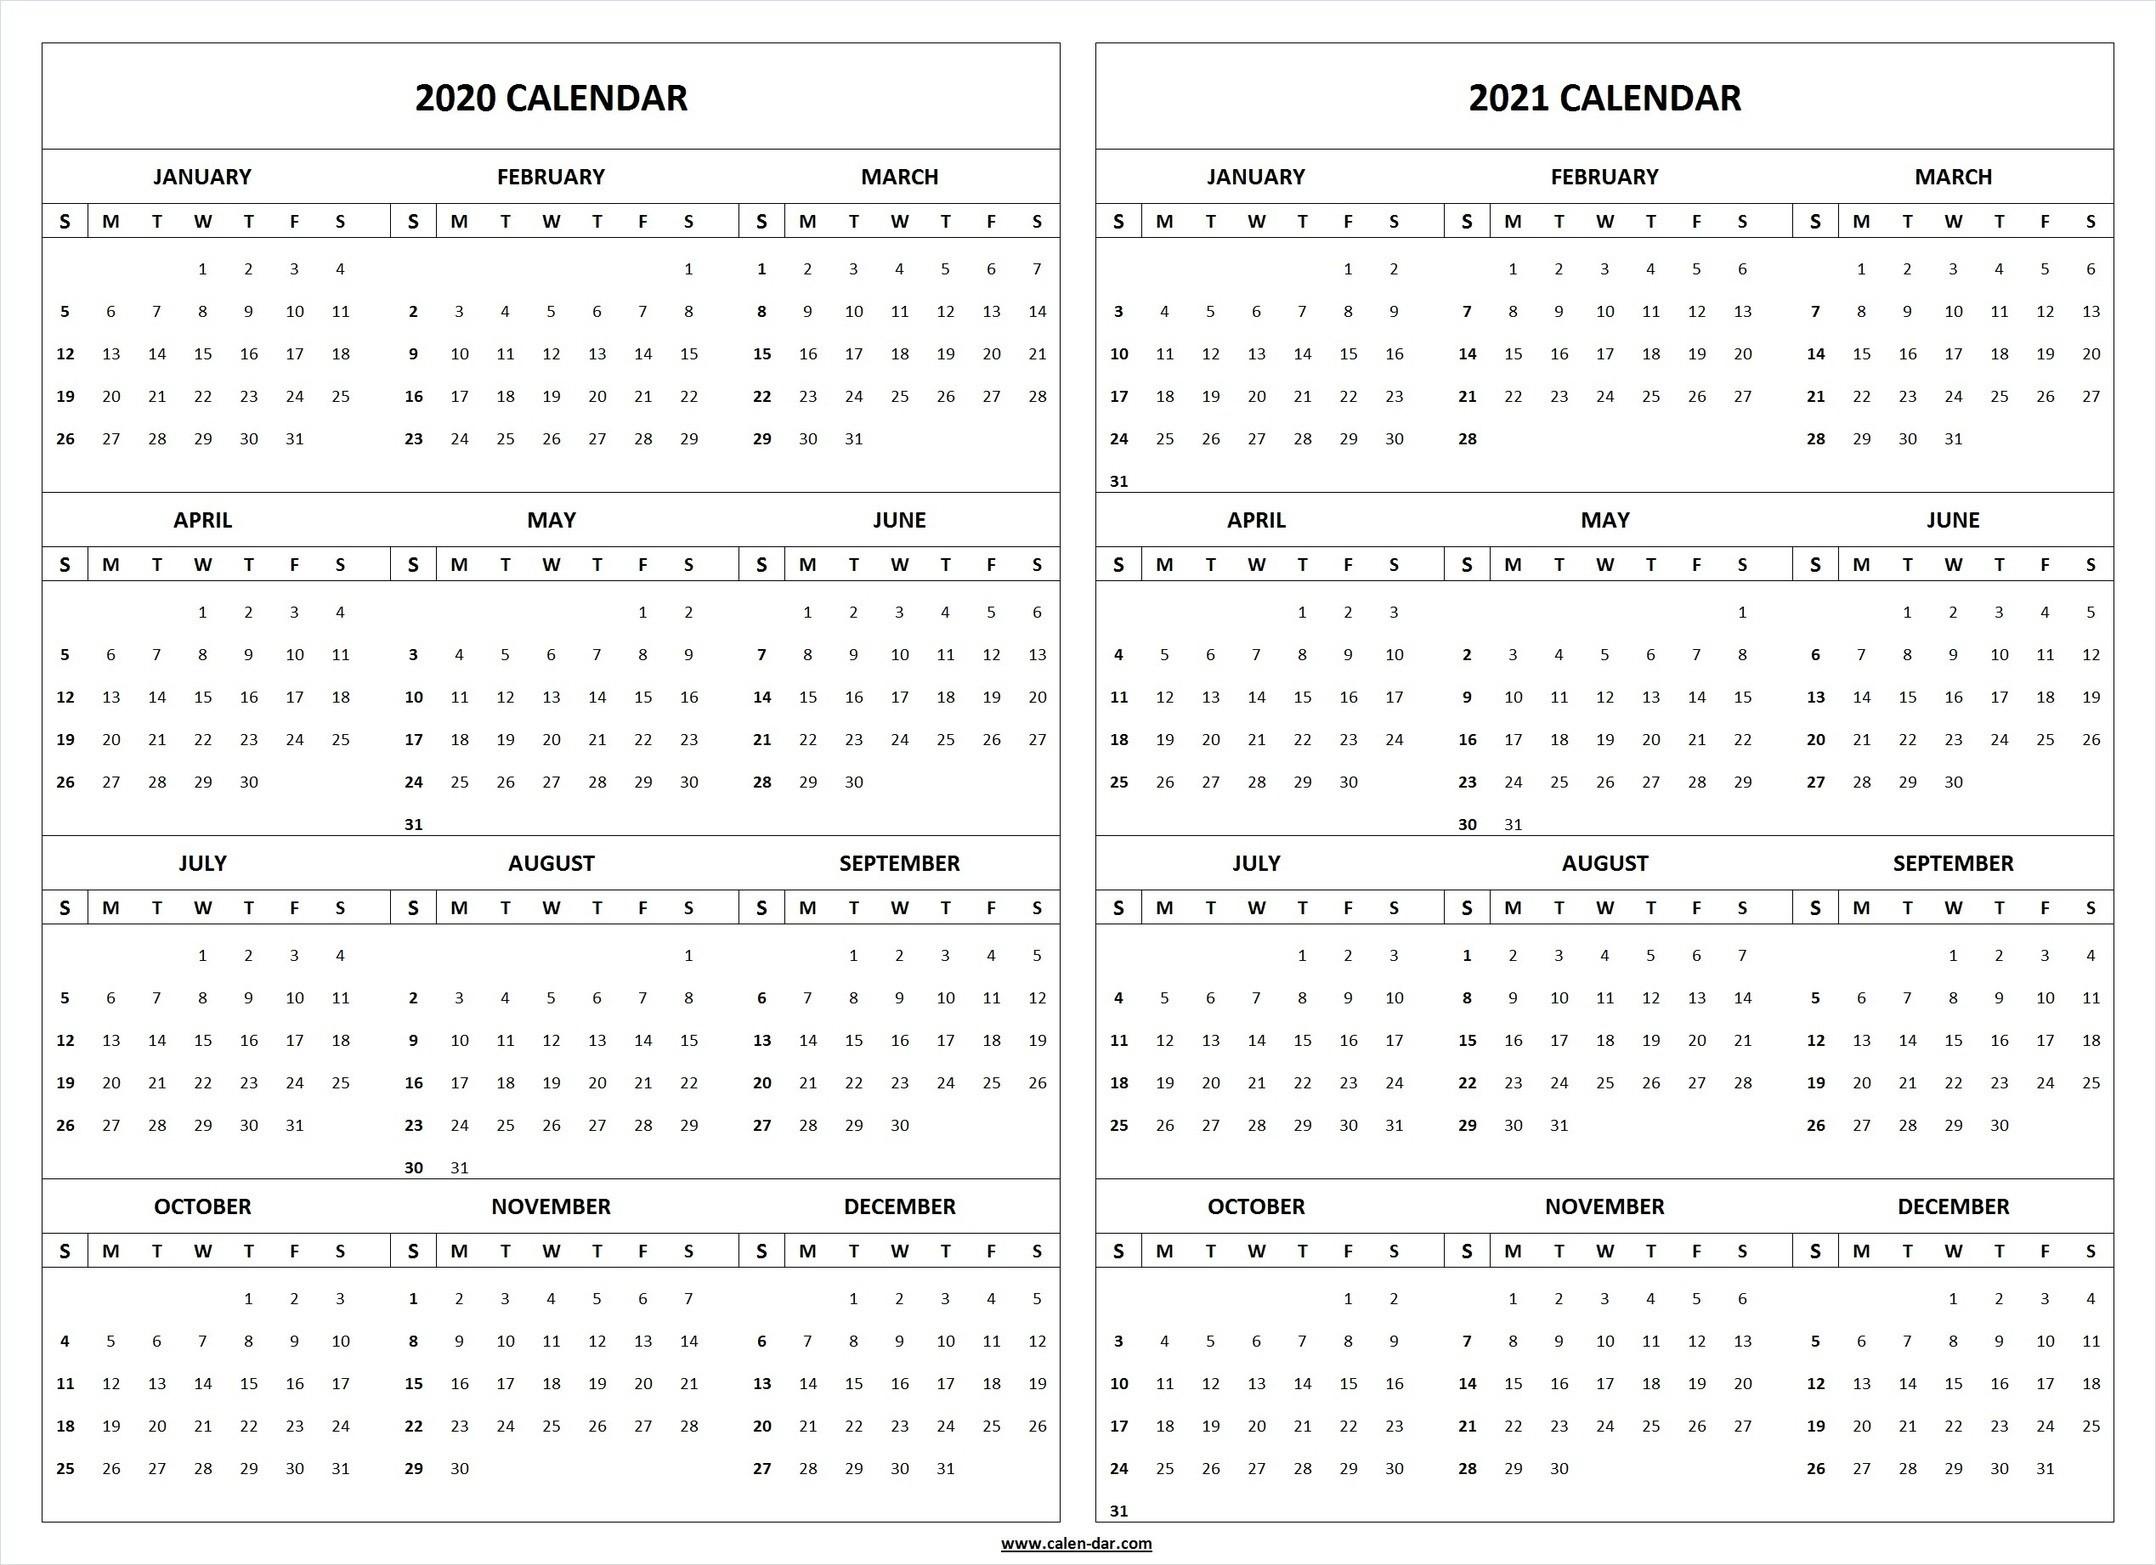 Calendario Noviembre 2019 Argentina Para Imprimir Más Arriba-a-fecha 2020 2021 Calendar Printable Template Of Calendario Noviembre 2019 Argentina Para Imprimir Más Recientes Calendario Chile A±o 2019